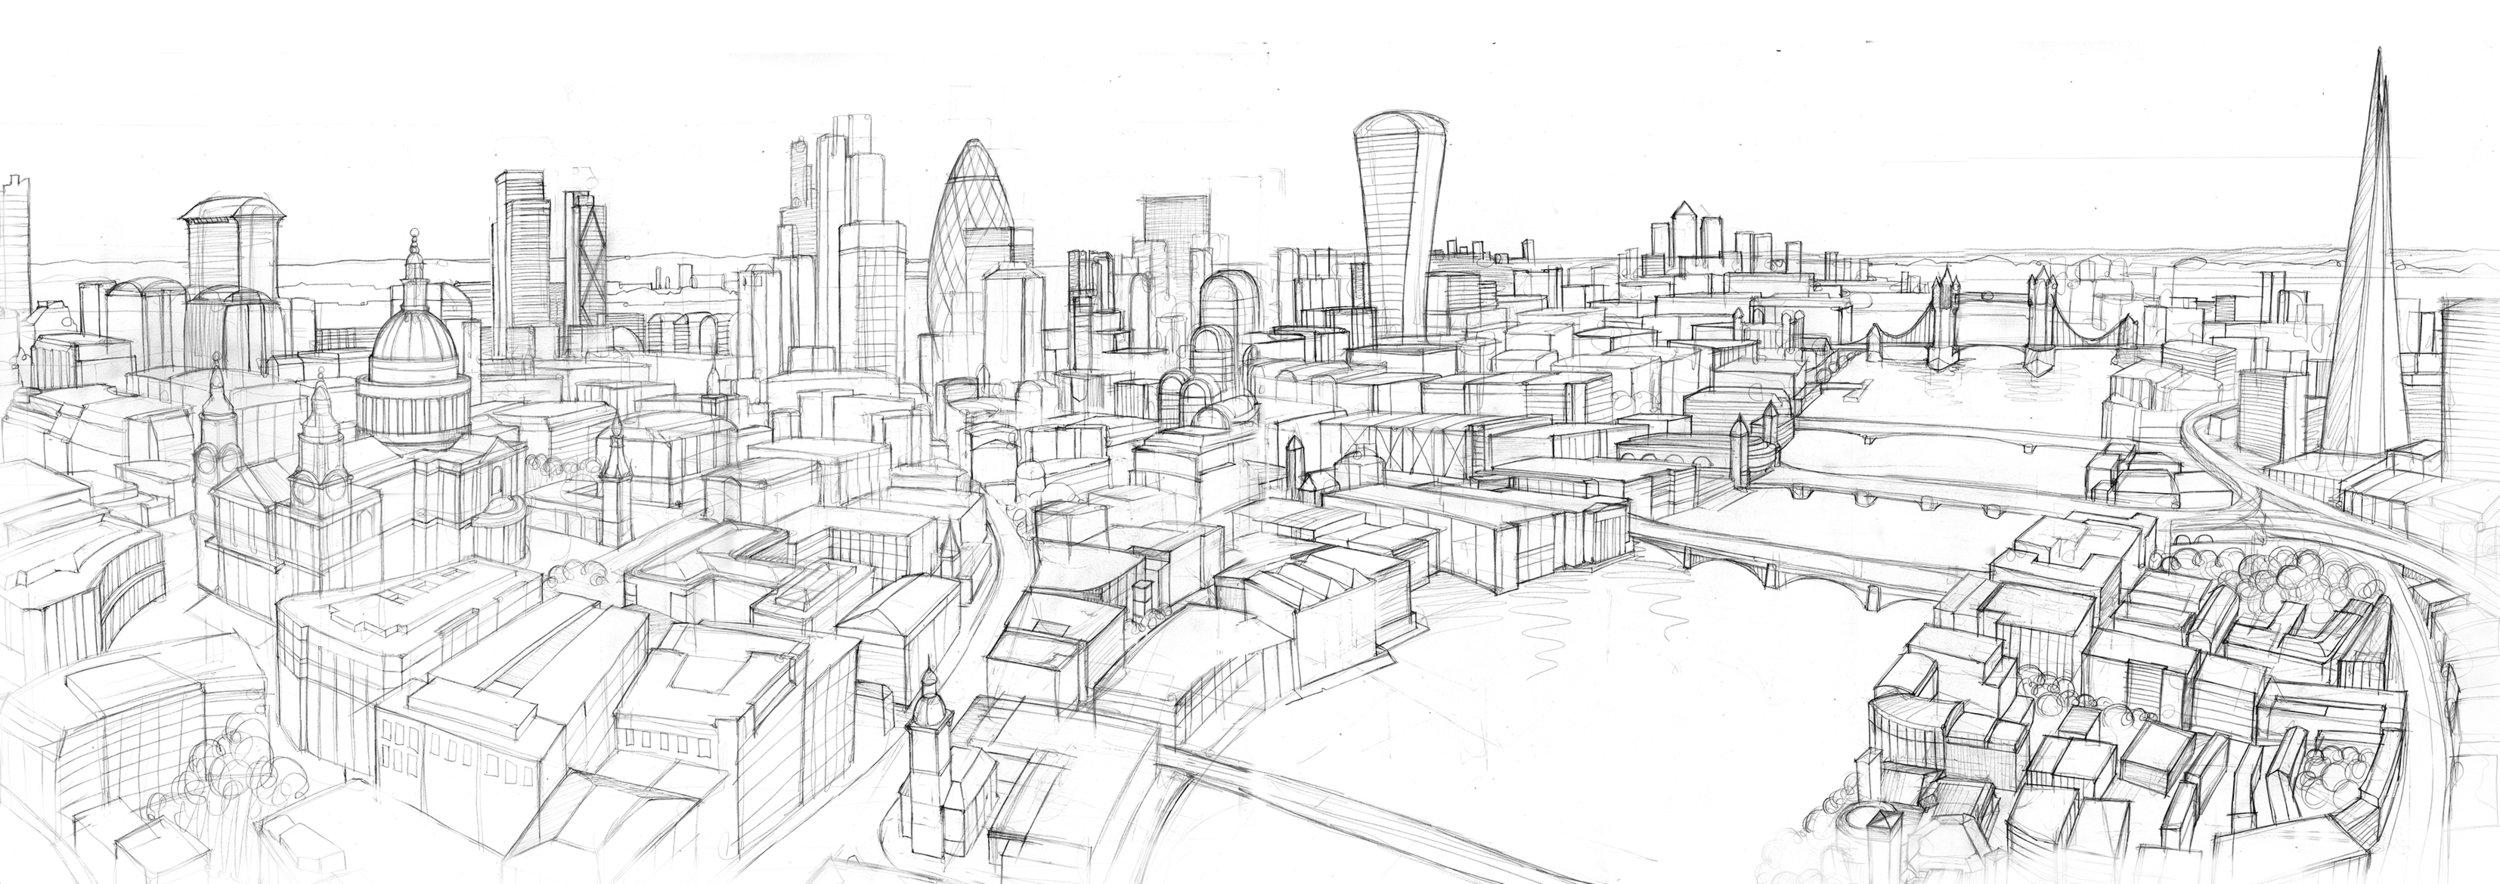 new sketch2.jpg